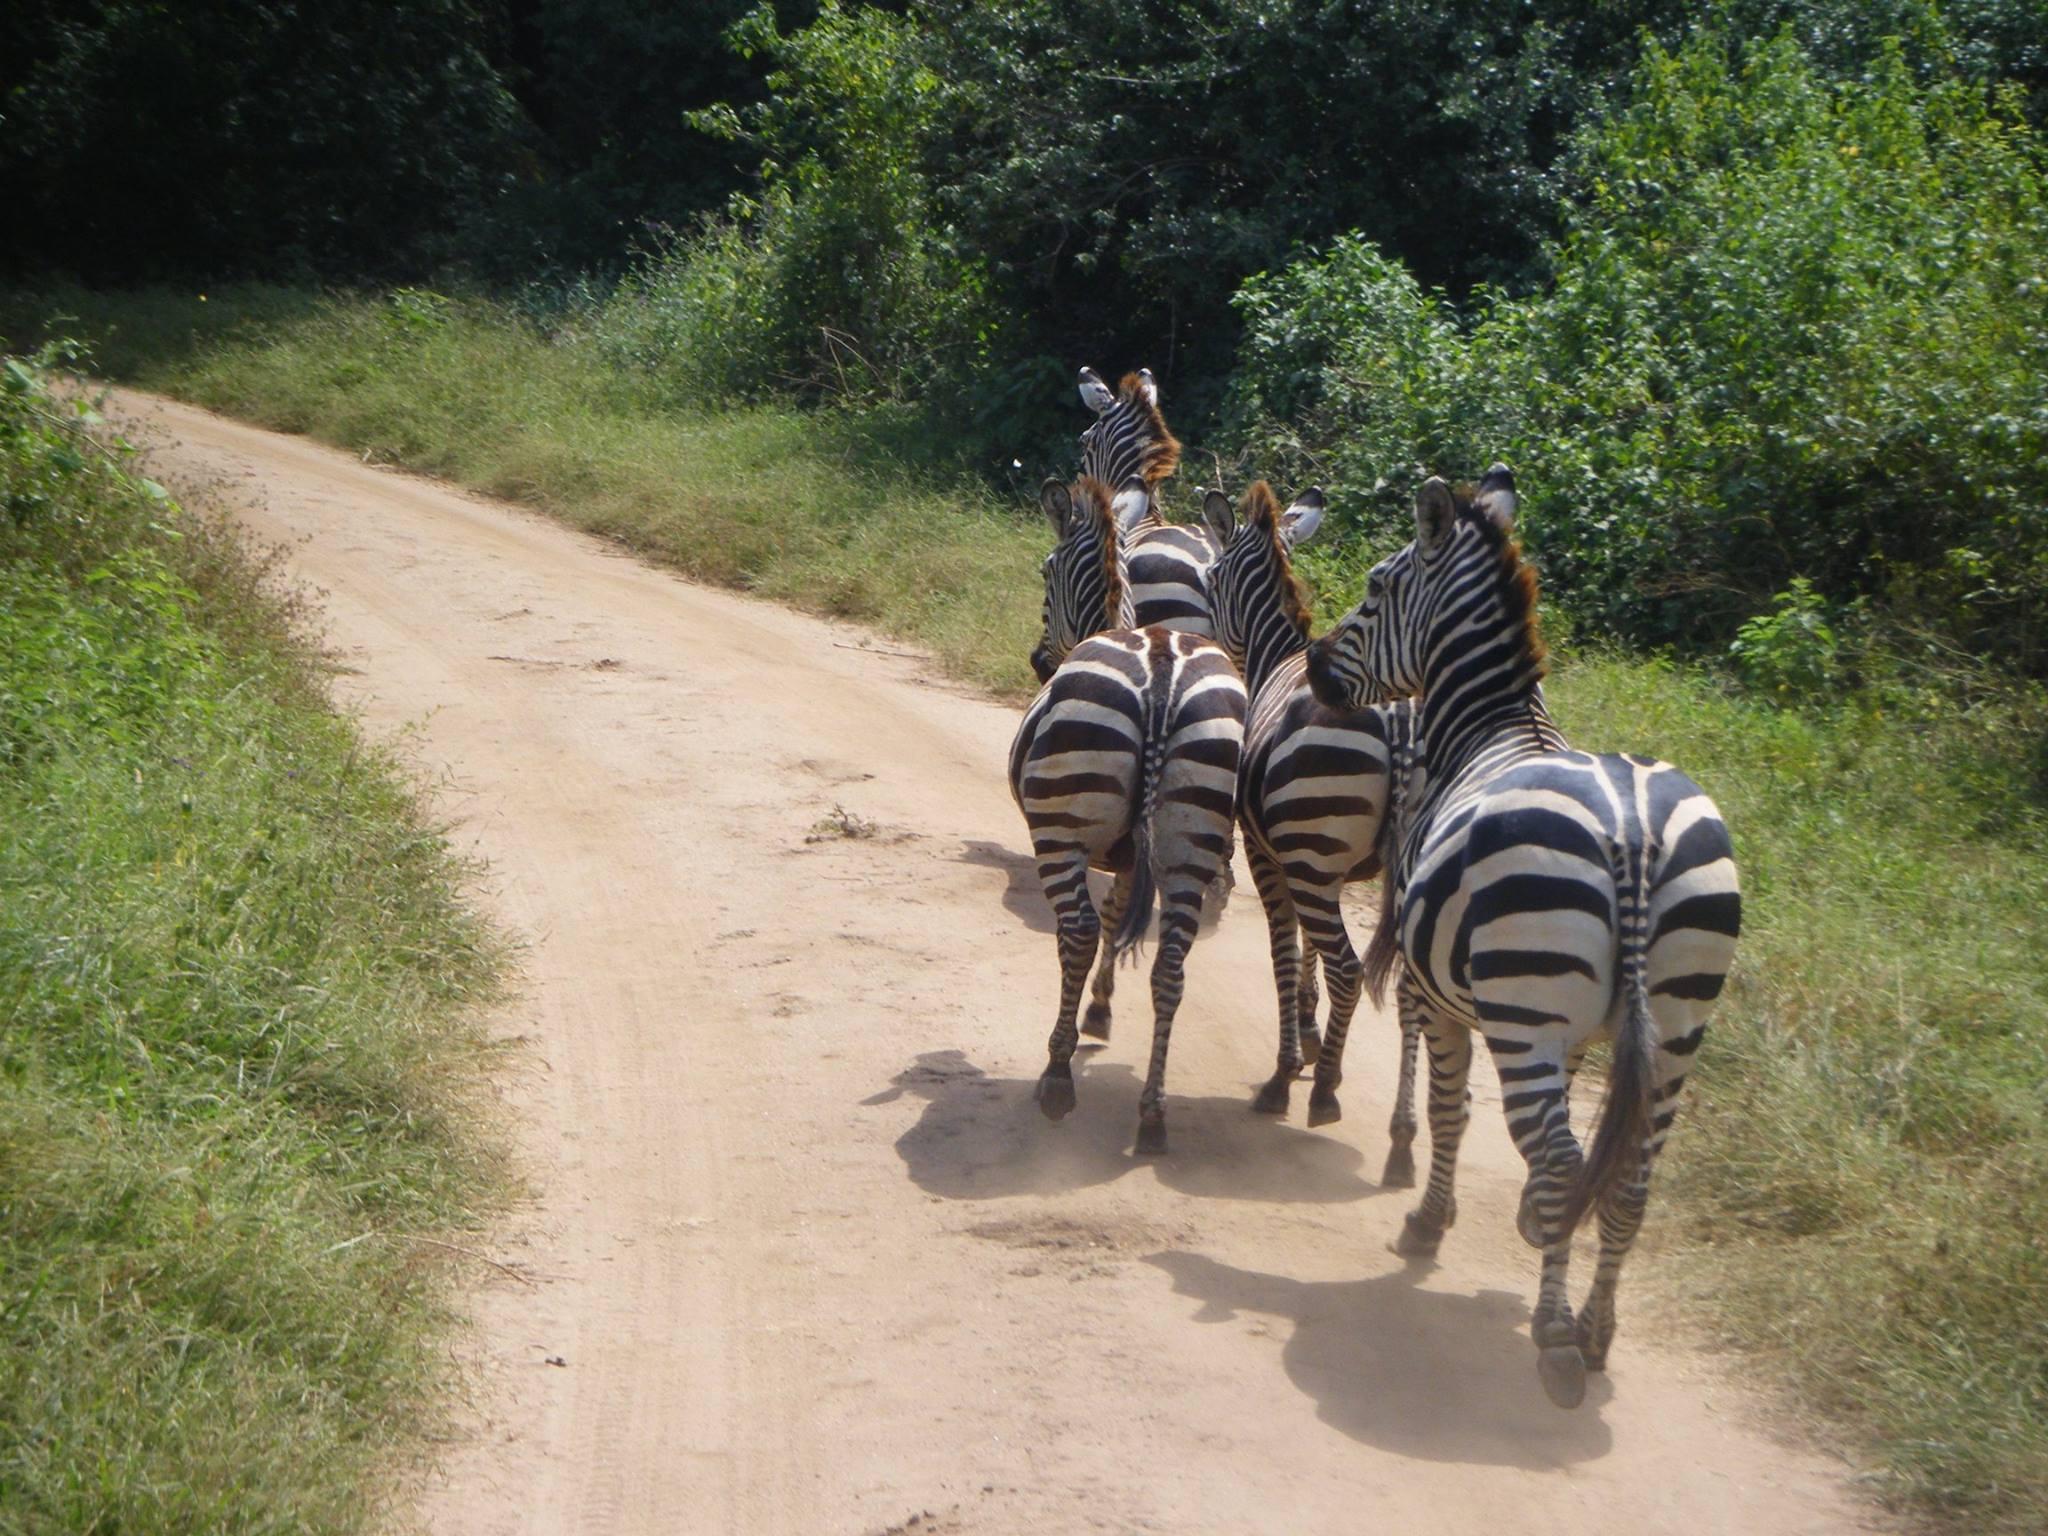 Densidad de tráfico en Manyara. Por Raquel